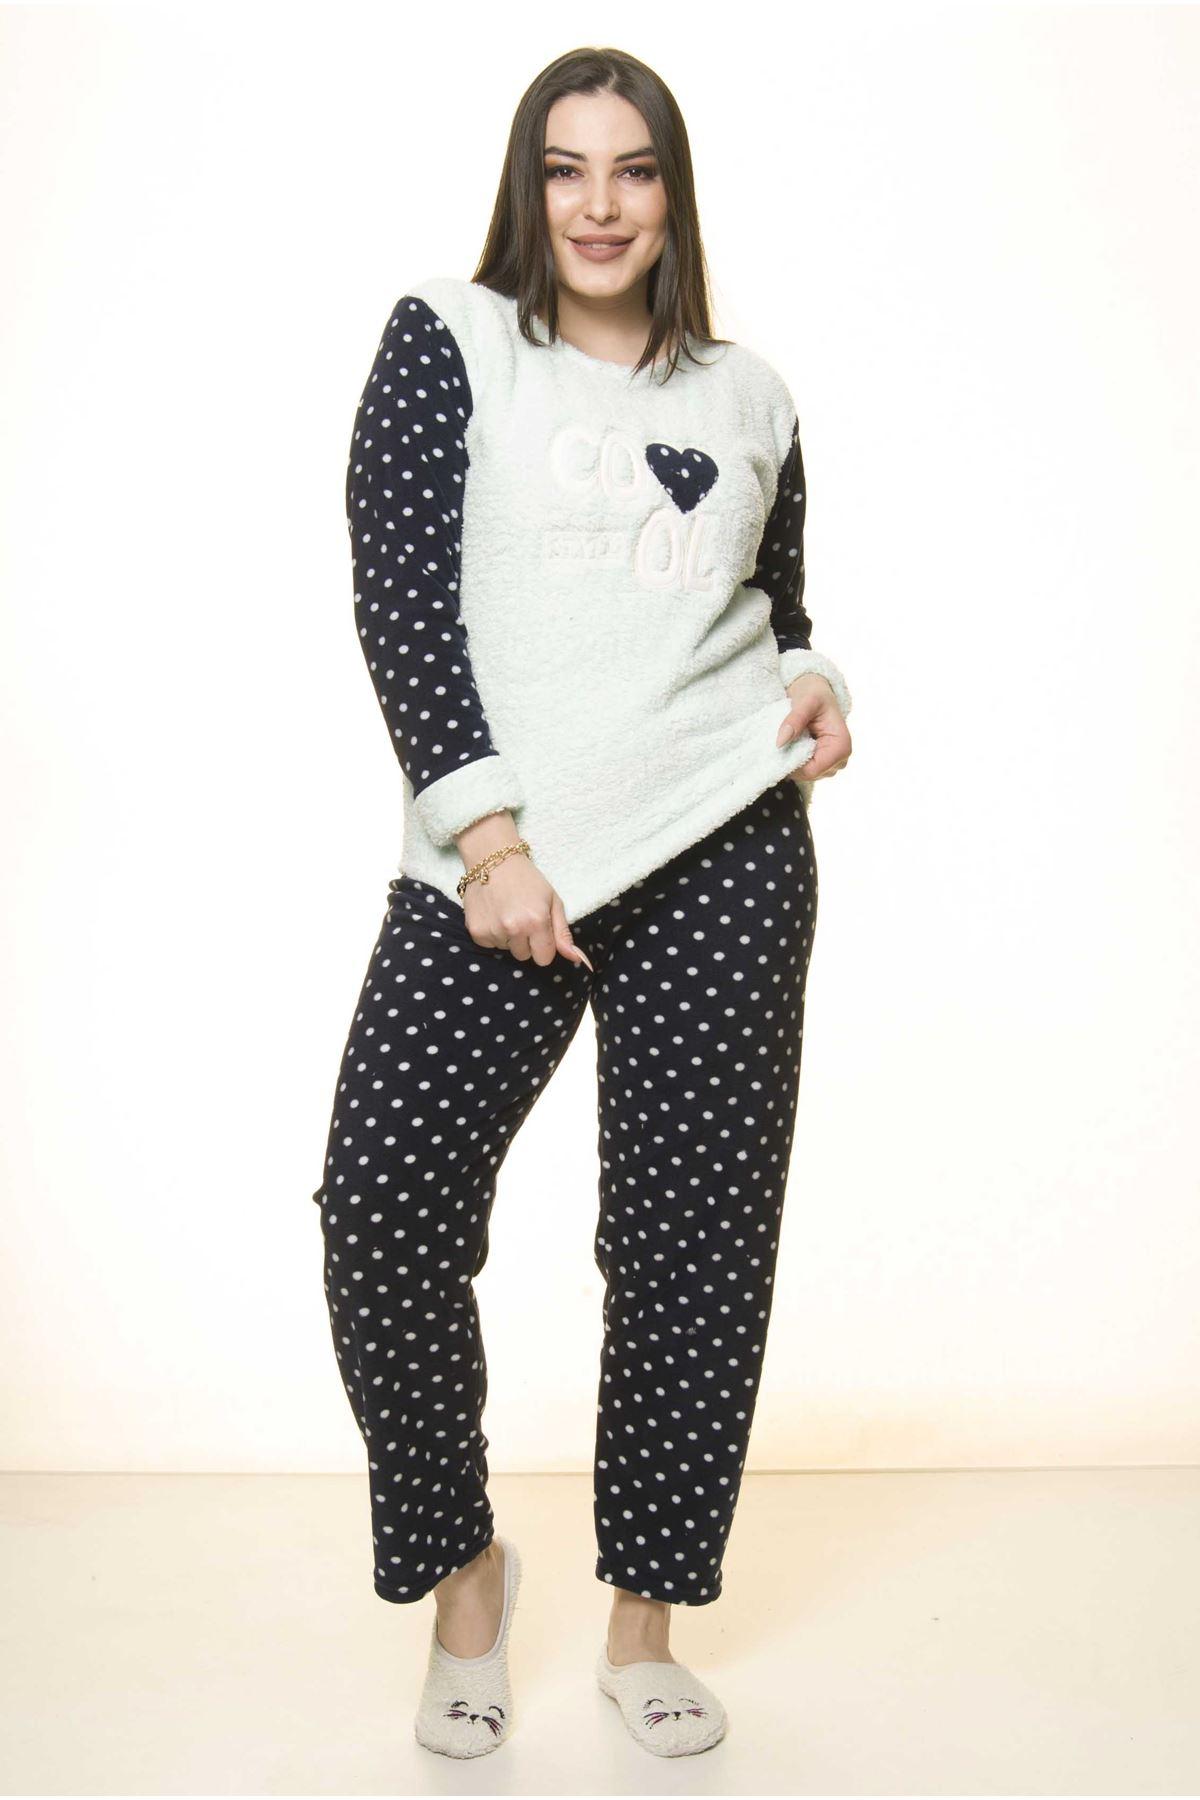 Polar Peluş Kışlık Pijama Takımı 32C-1511